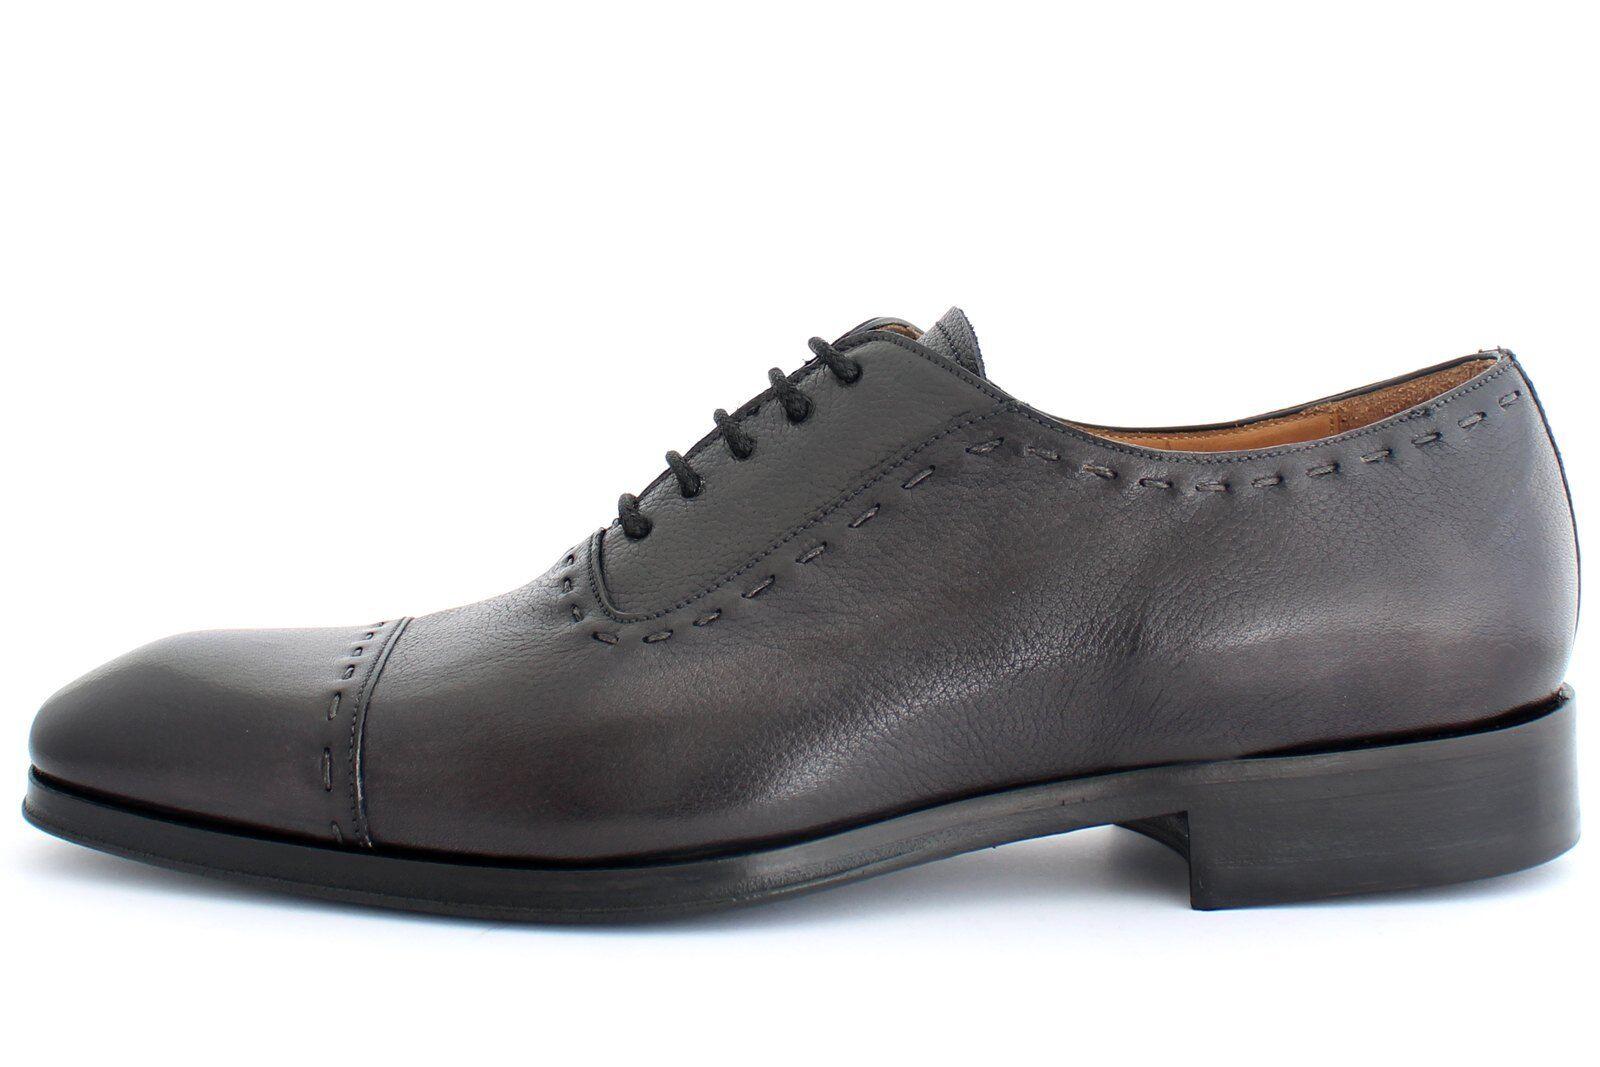 benvenuto a comprare Men scarpe leather Italian Italian Italian Giorgio Rea US 7 8 9 10 11 12 dress oxford 07148GR  benvenuto a scegliere